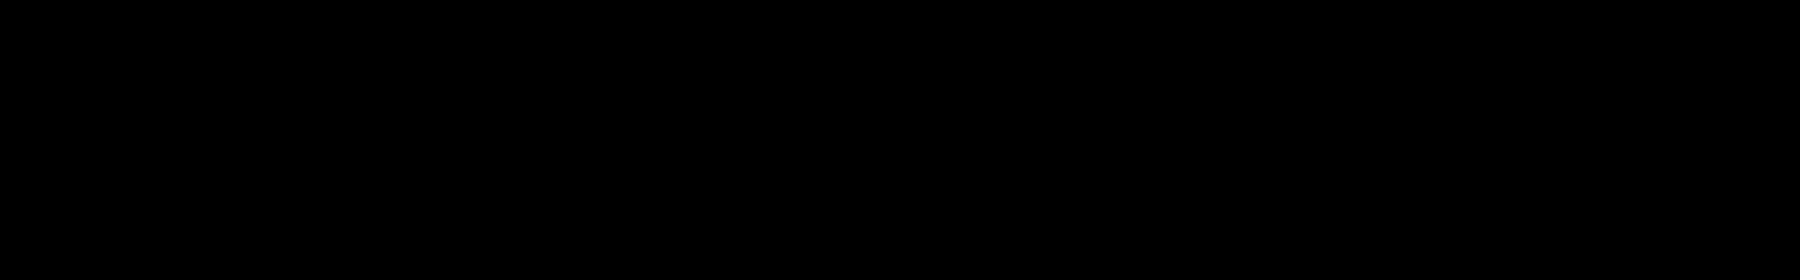 Aurora audio waveform